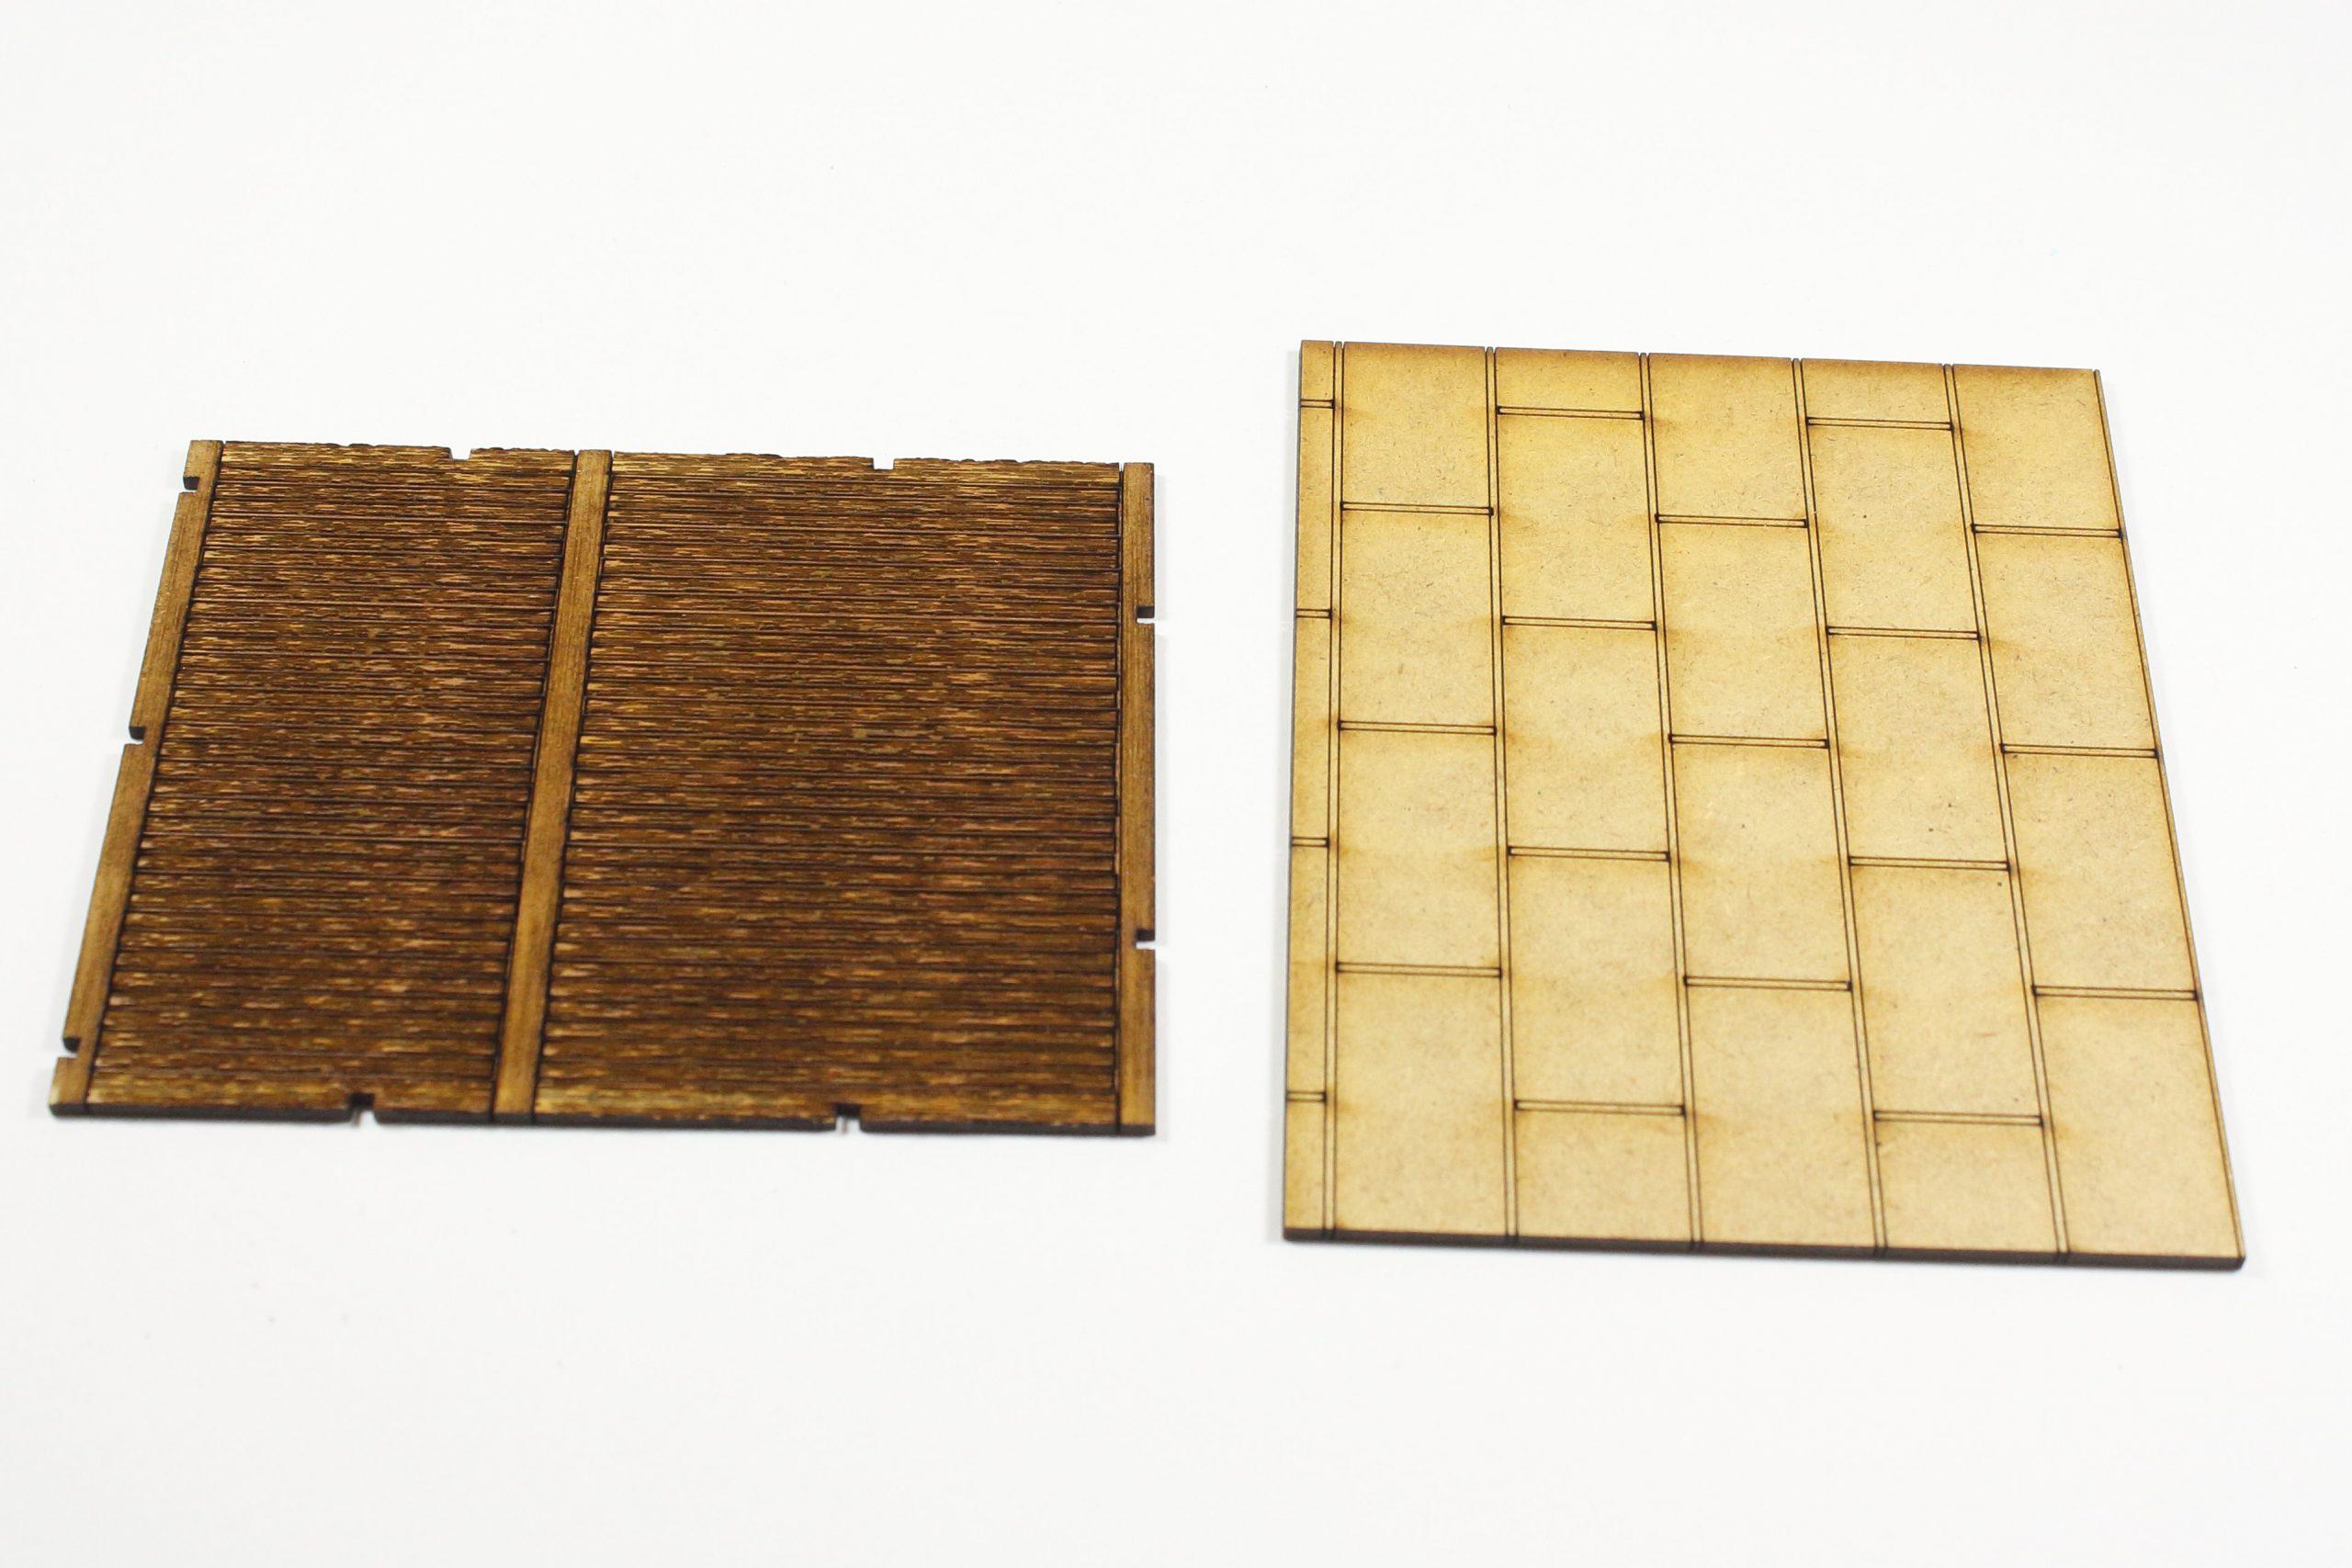 Schuppen-3JPG-scaled Fachwerkhaus mit Holzschuppen - Lasercut Modellbaushop 1:35